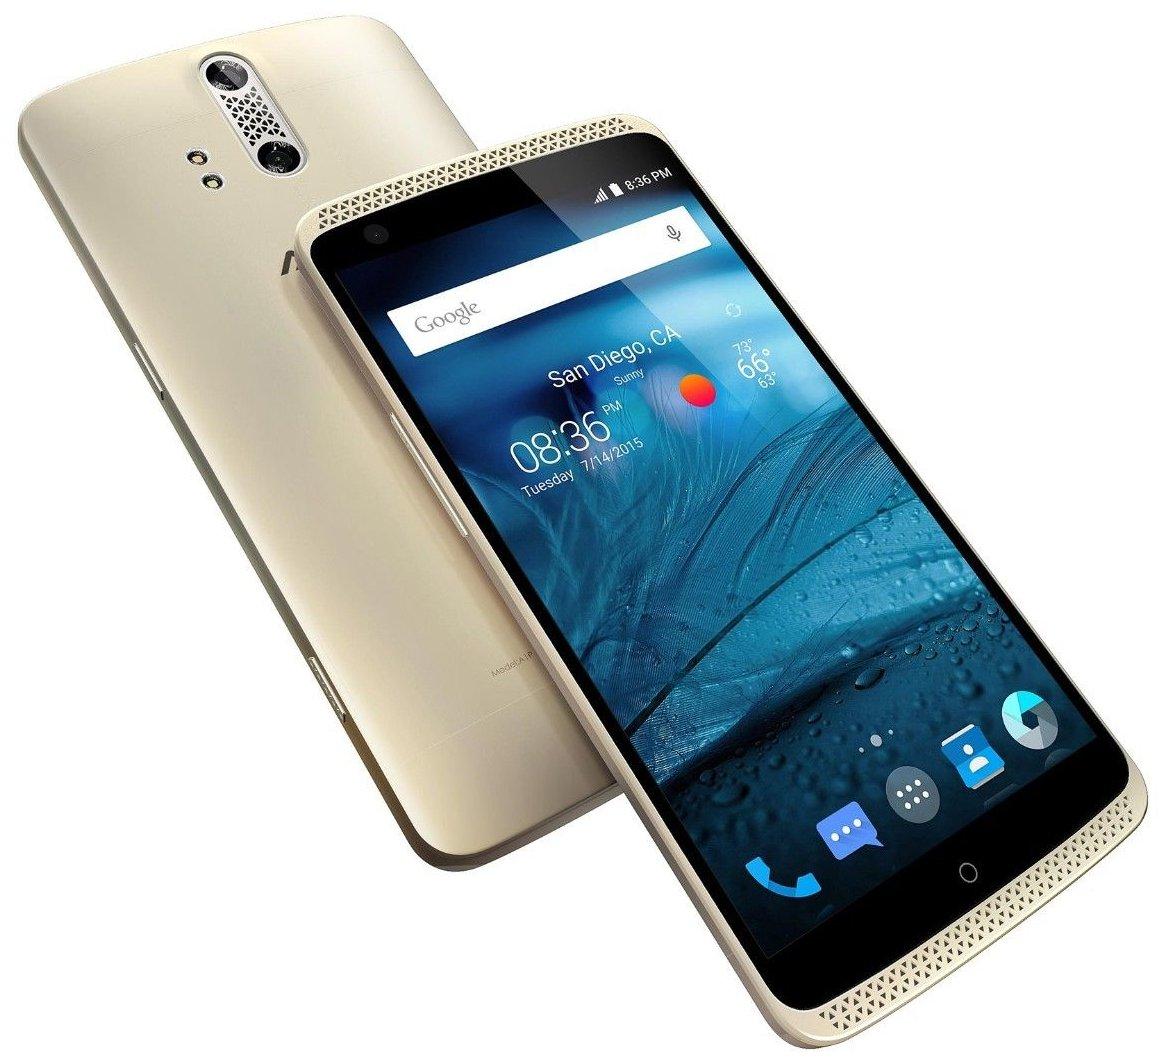 Best Unlocked Phone For International Travel